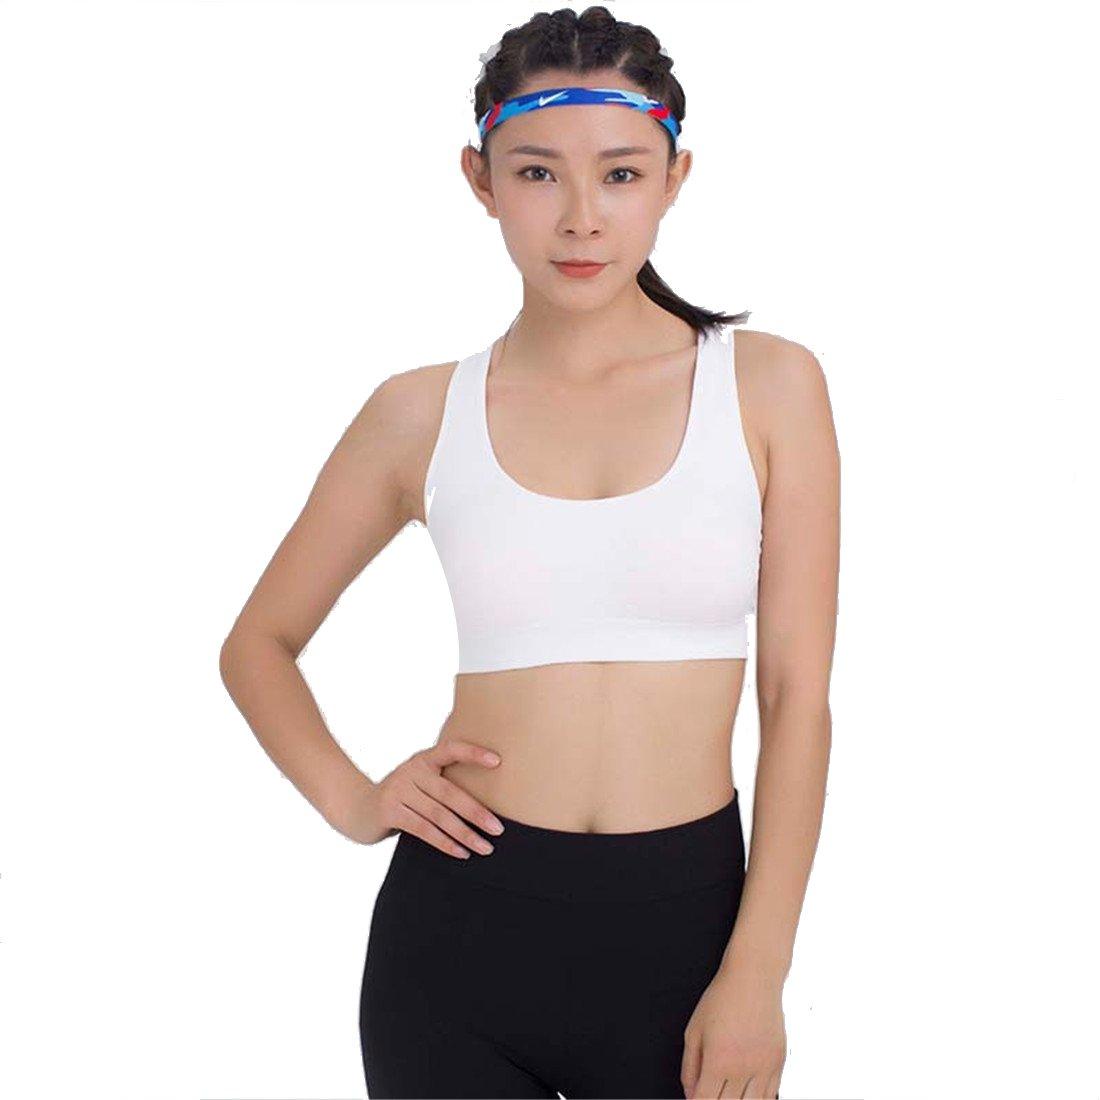 Dunland Mujer Sujetador Deportivo de Camiseta Urbana Respirable ...